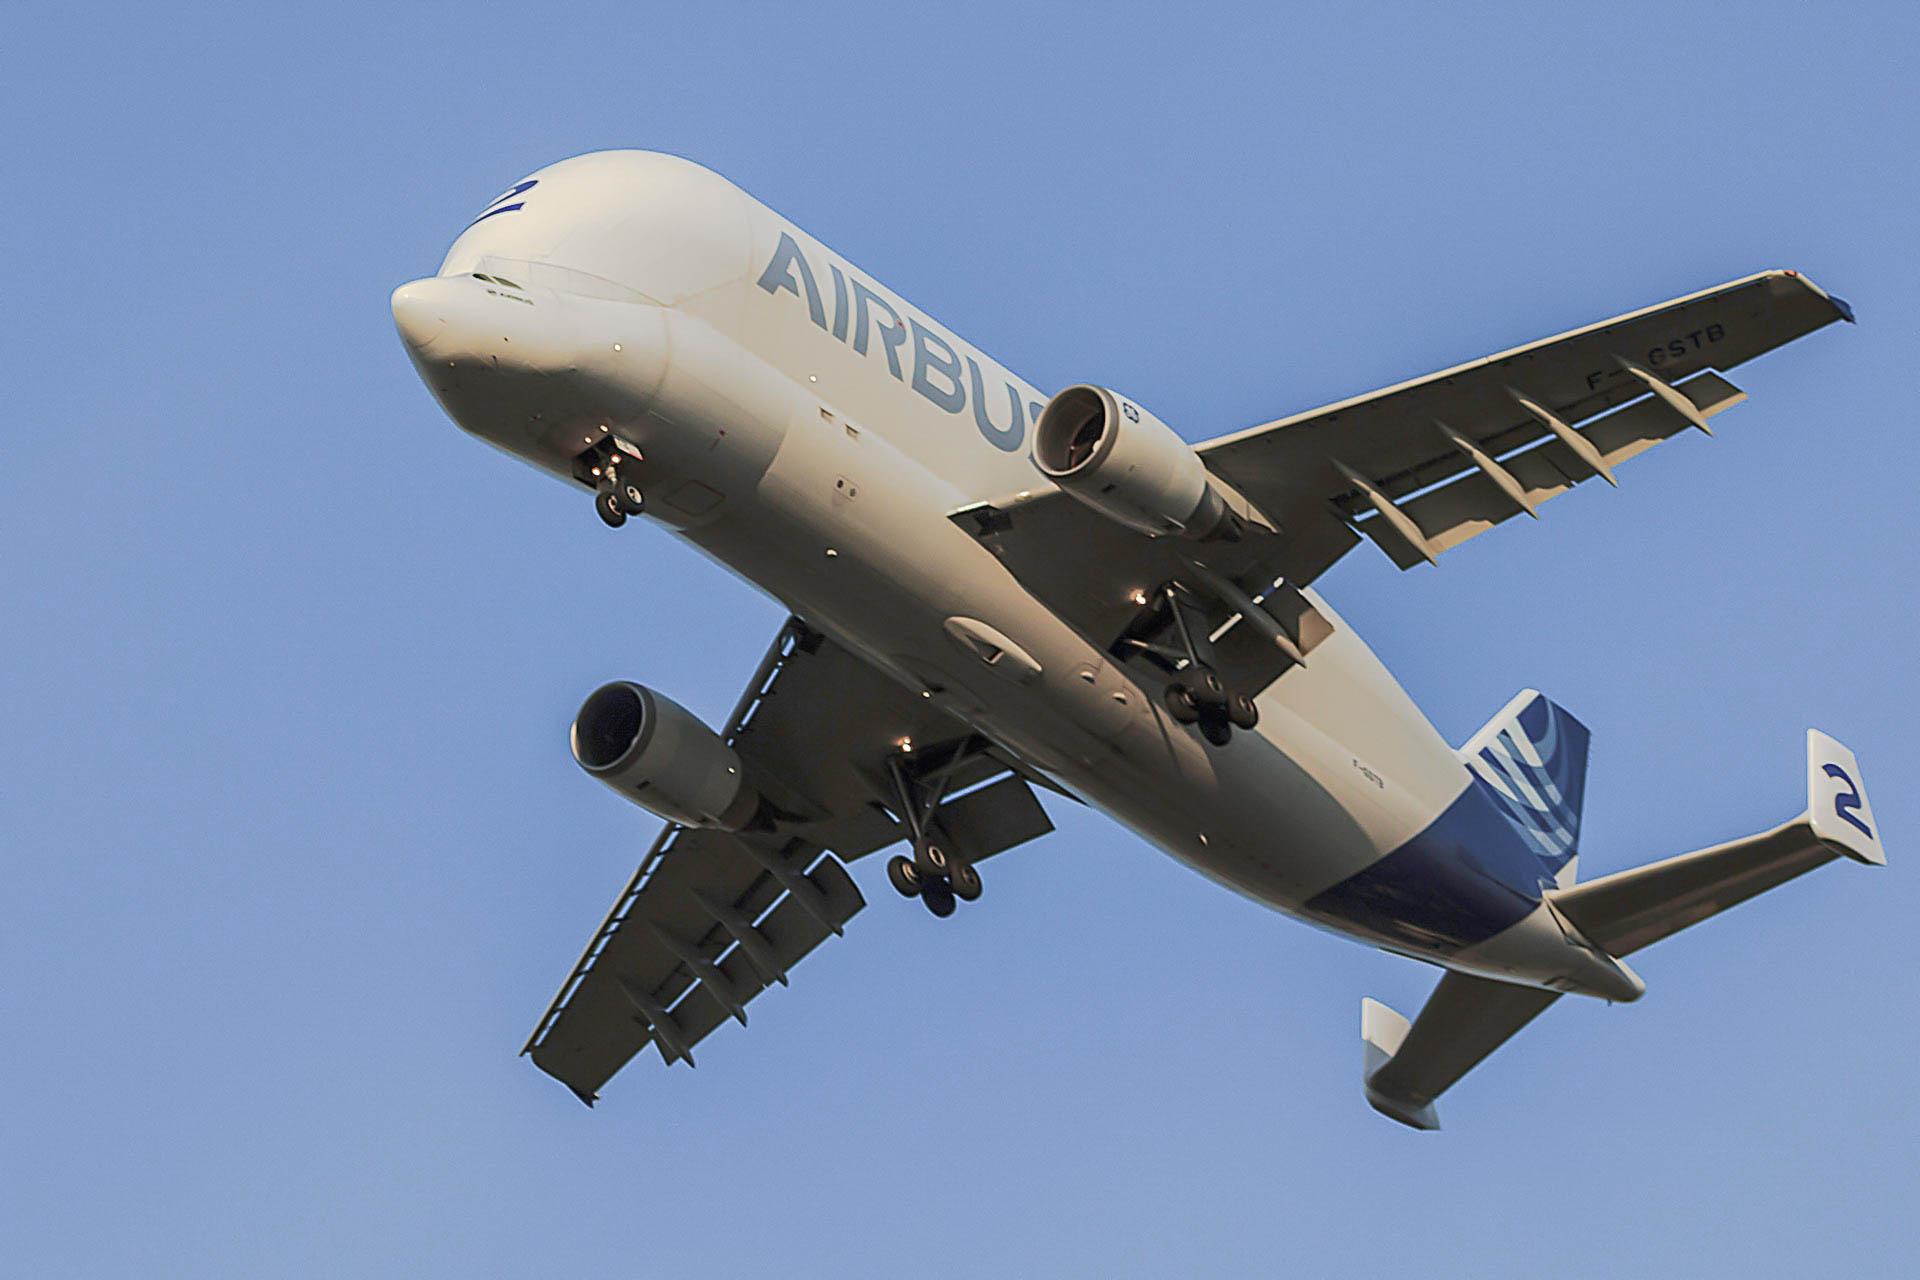 Aeronautique Beluga 2 d'Airbus -Agnes Briand Photographe